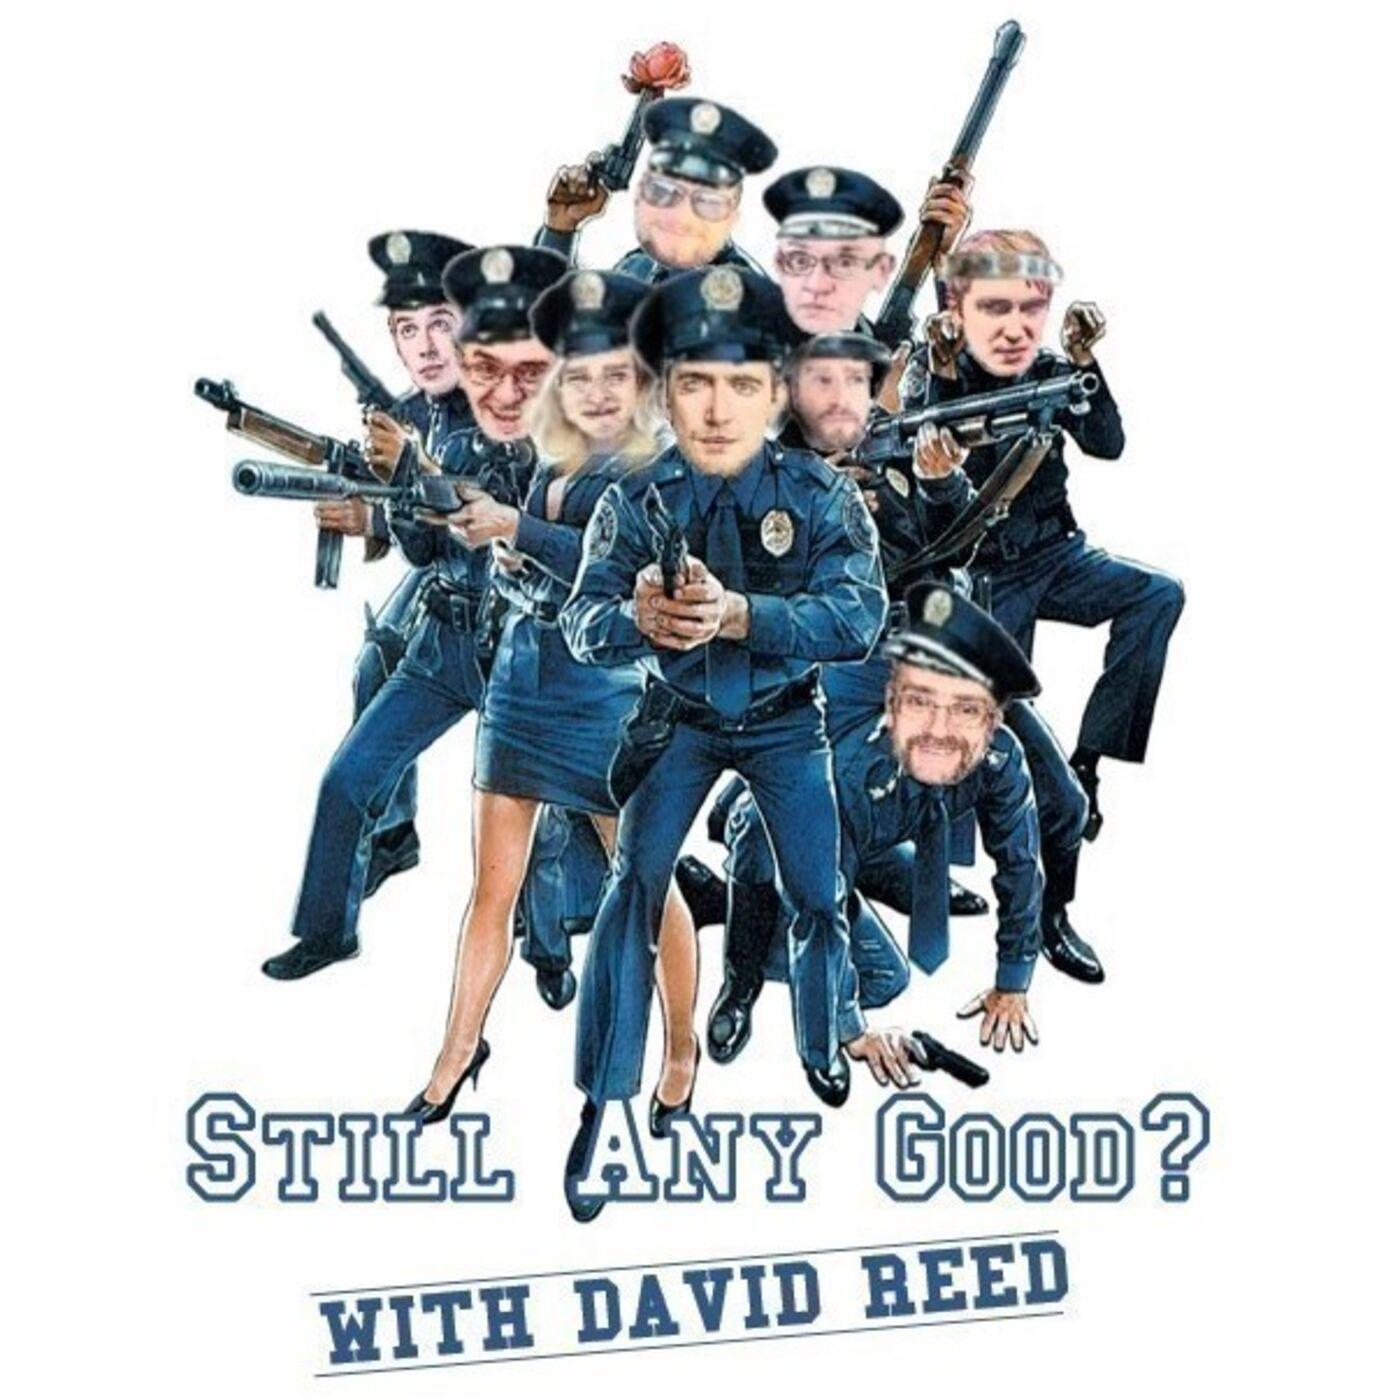 68. Police Academy 2 (w. David Reed)